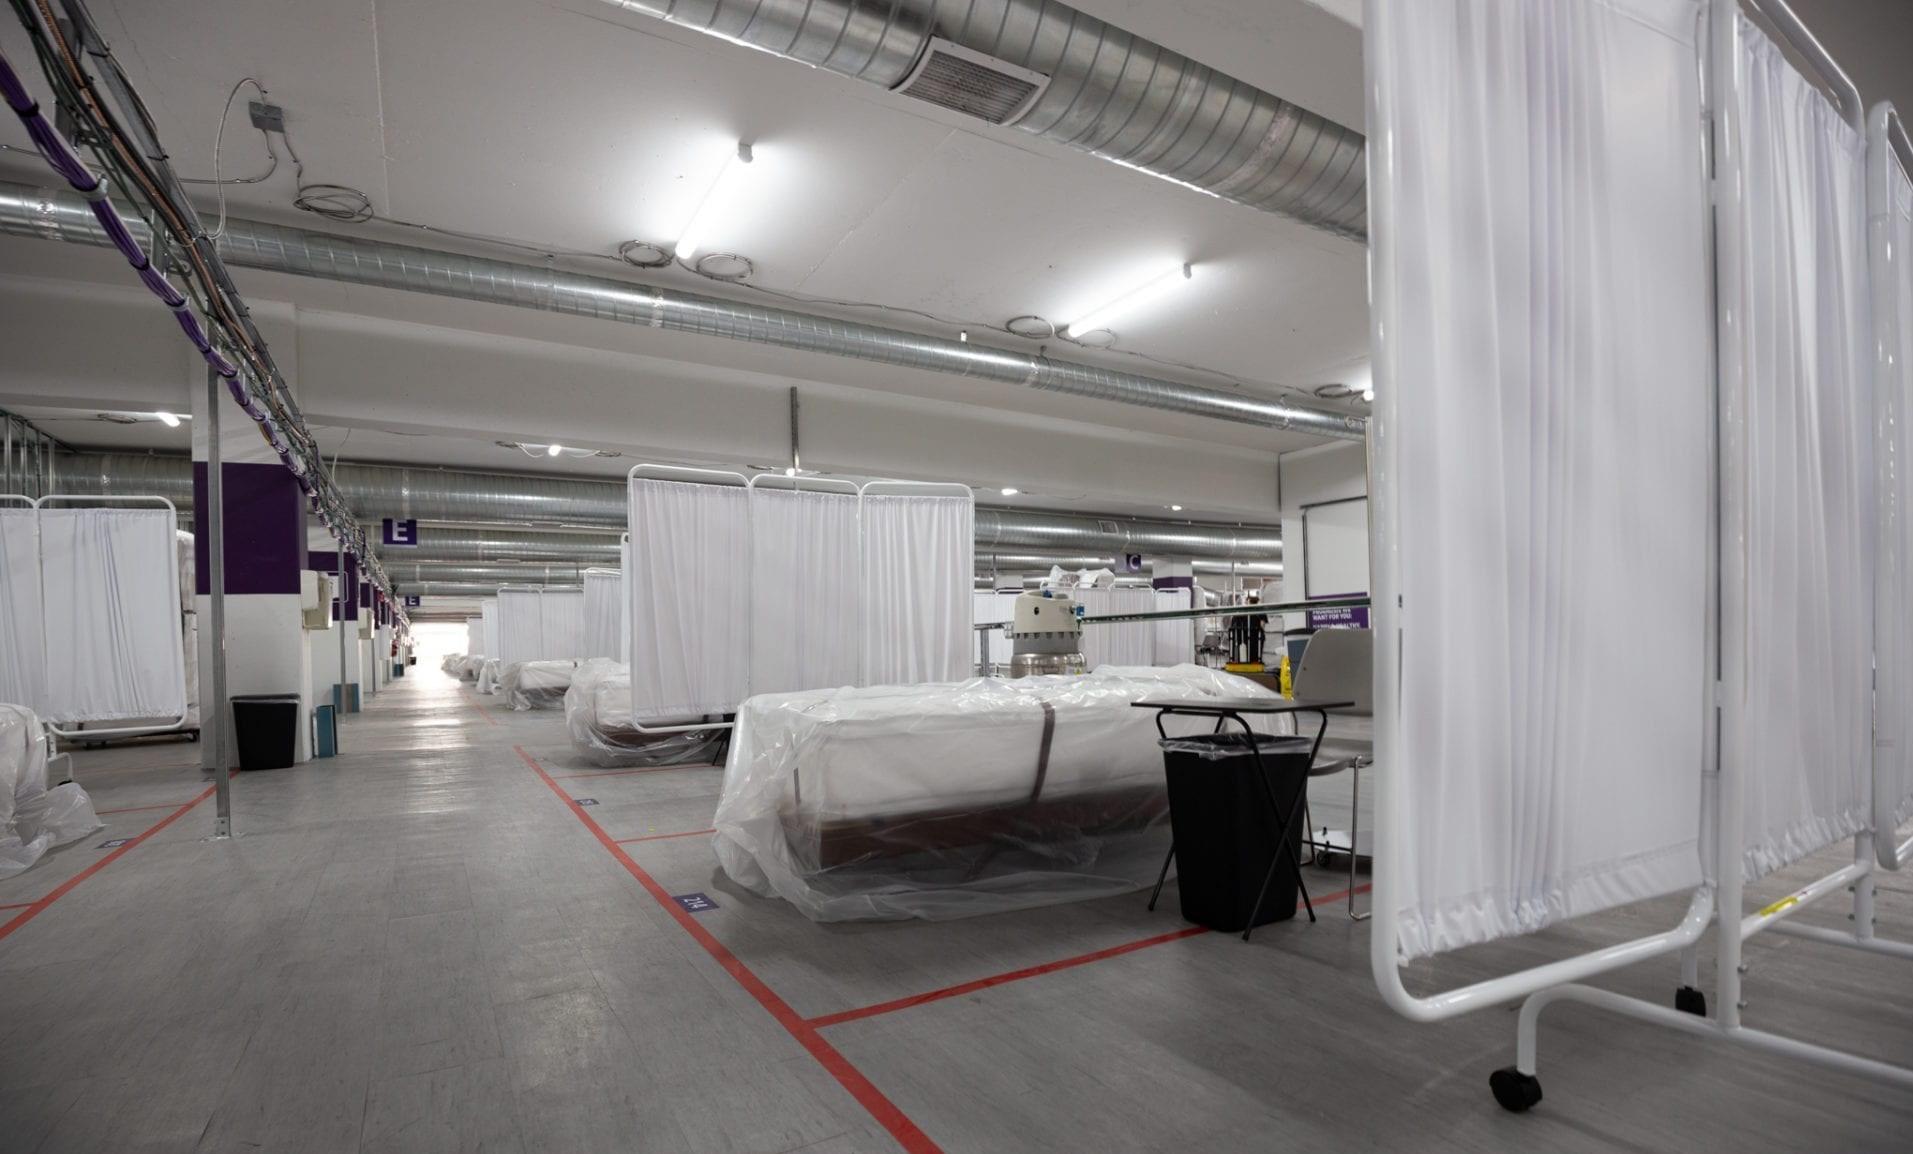 بستری بیماران کرونایی آمریکایی در پارکینگ! / تصاویر